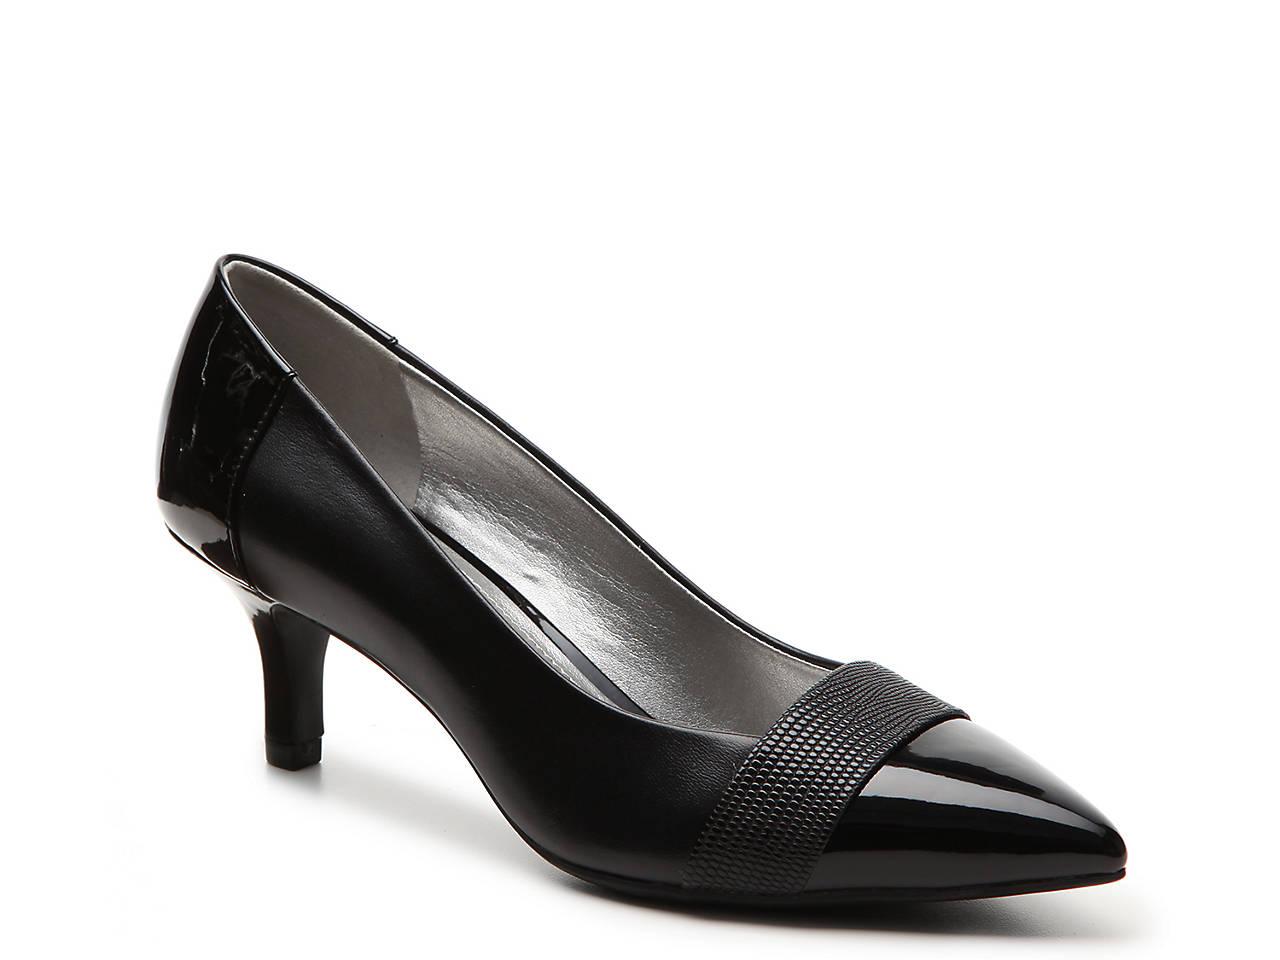 068e5a1a21e Anne Klein Finn Pump Women s Shoes